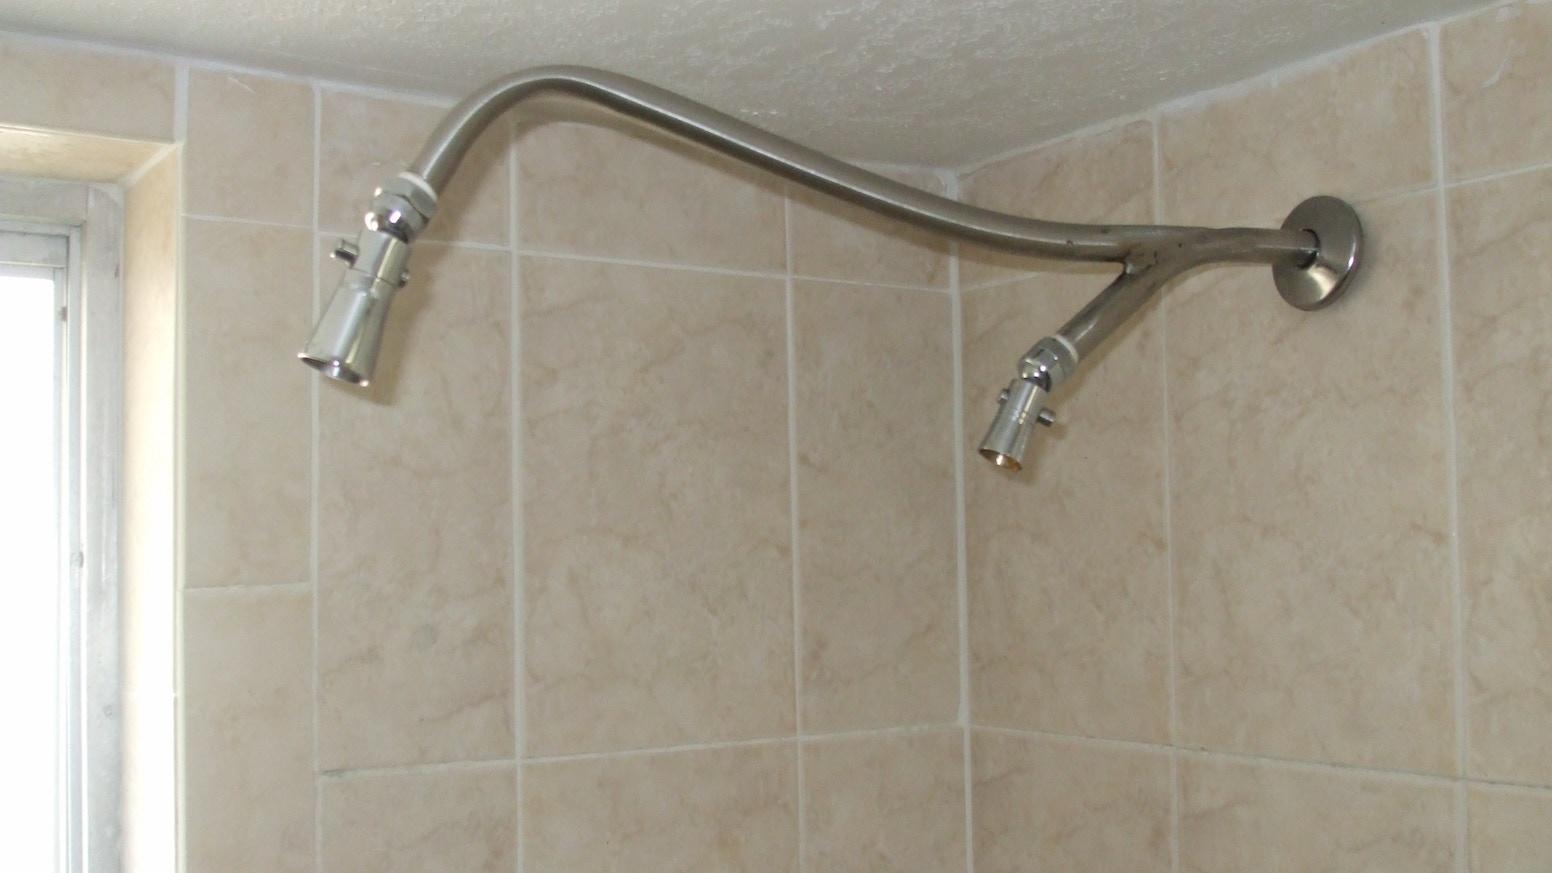 Fresh Shower 4 Two by Jerrold Scott — Kickstarter DK45